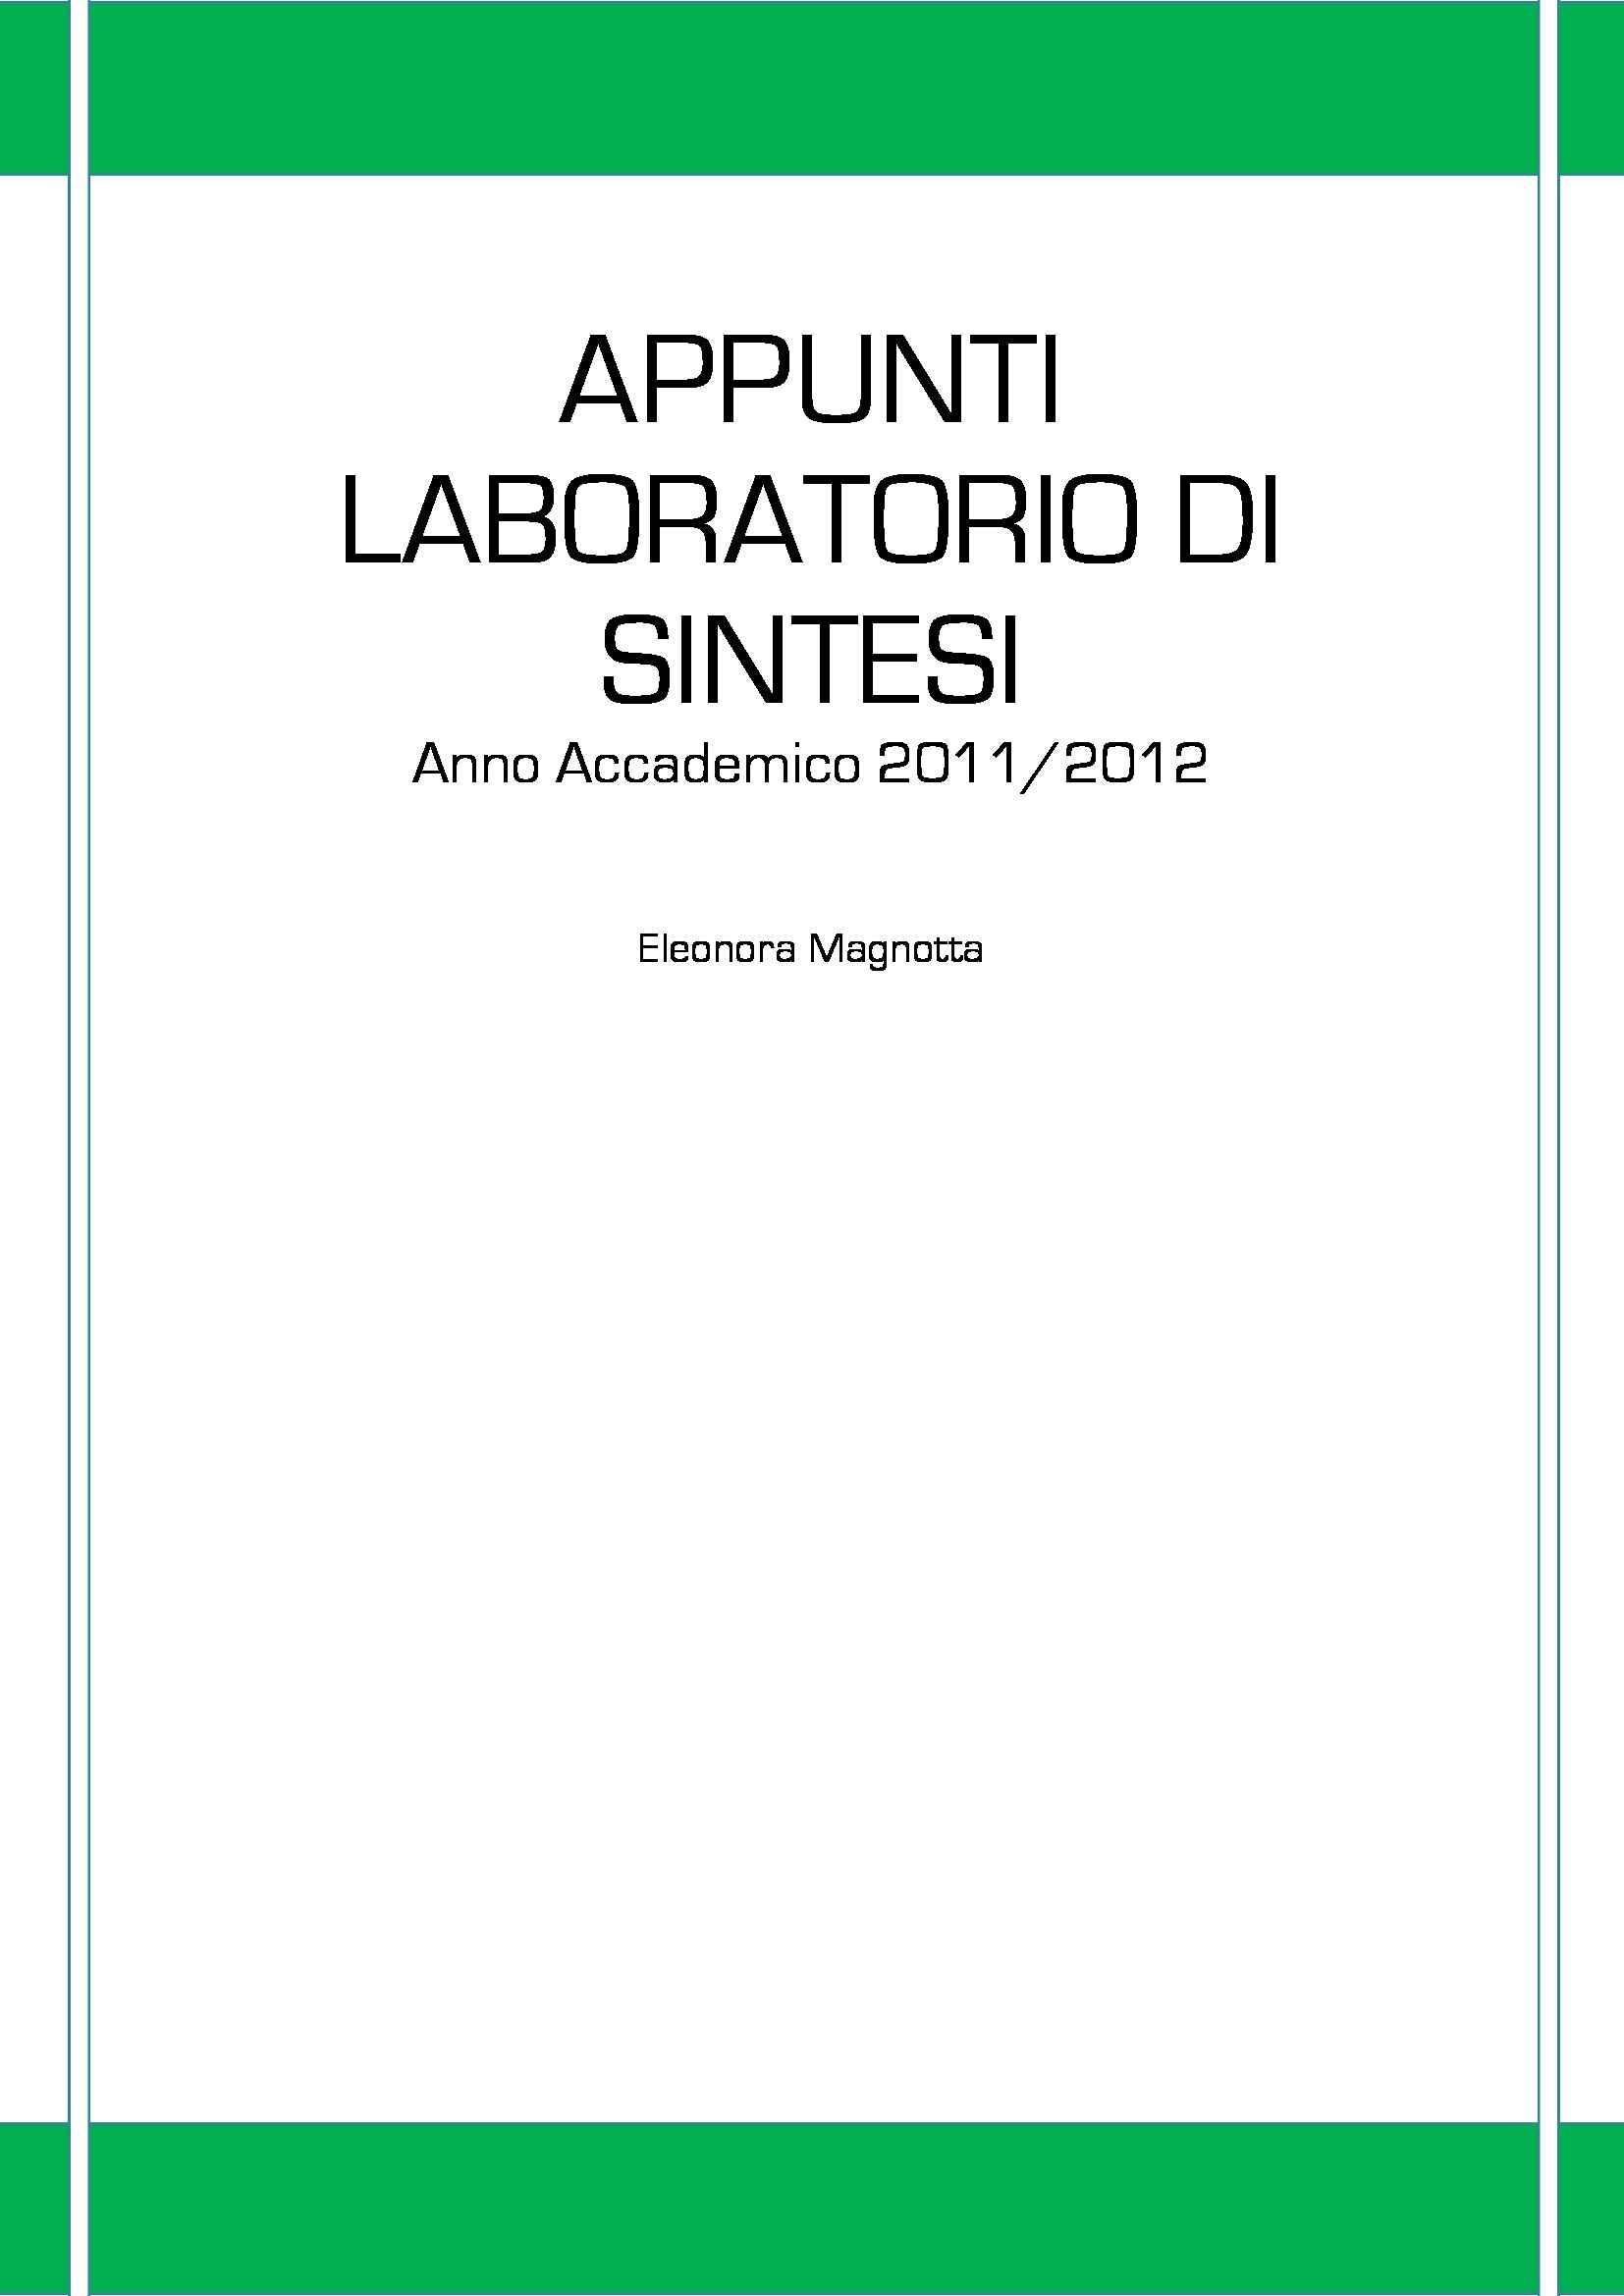 Laboratorio di sintesi - lezione 1